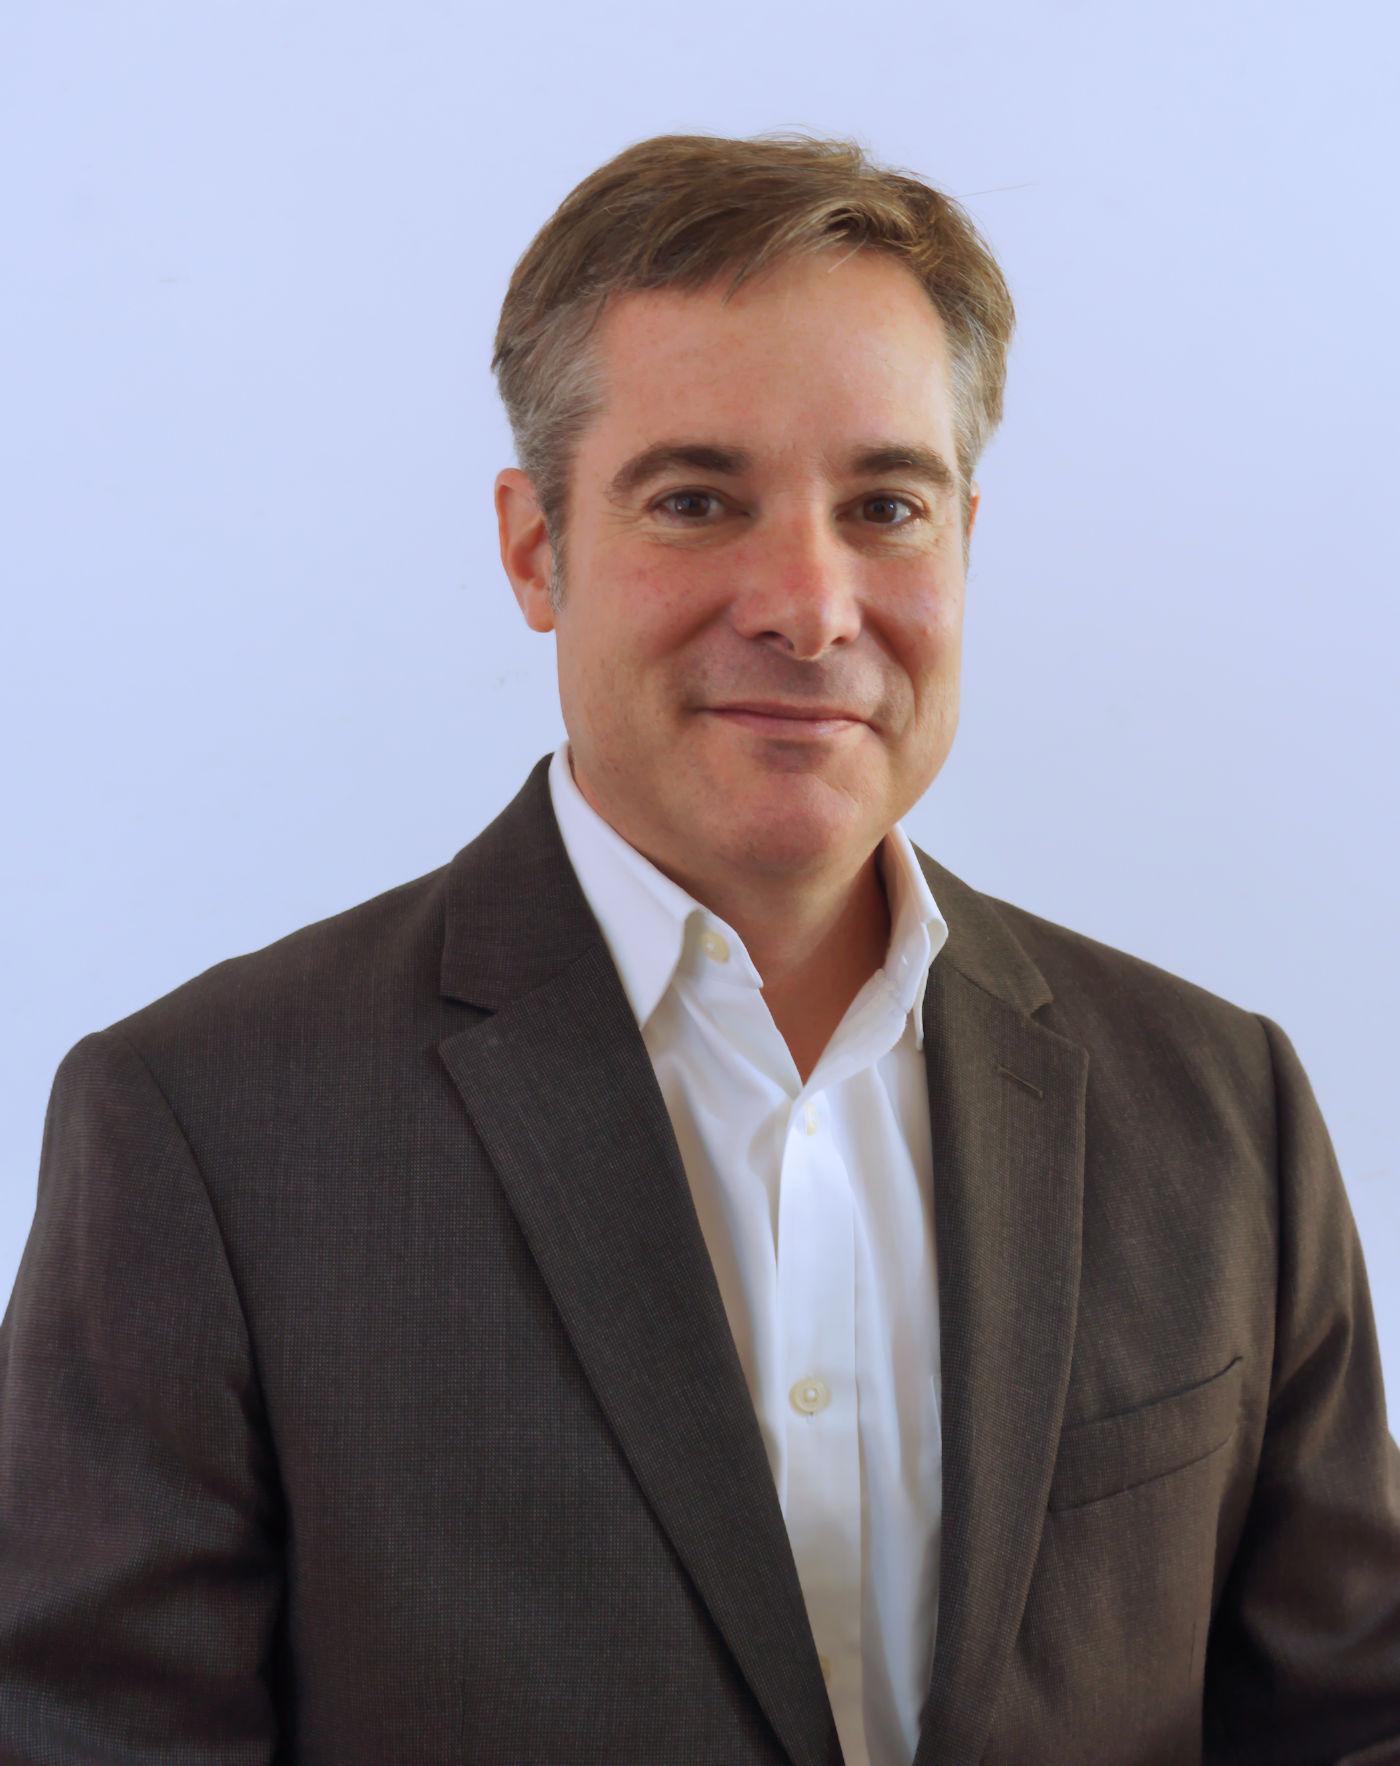 Wesley Gleason